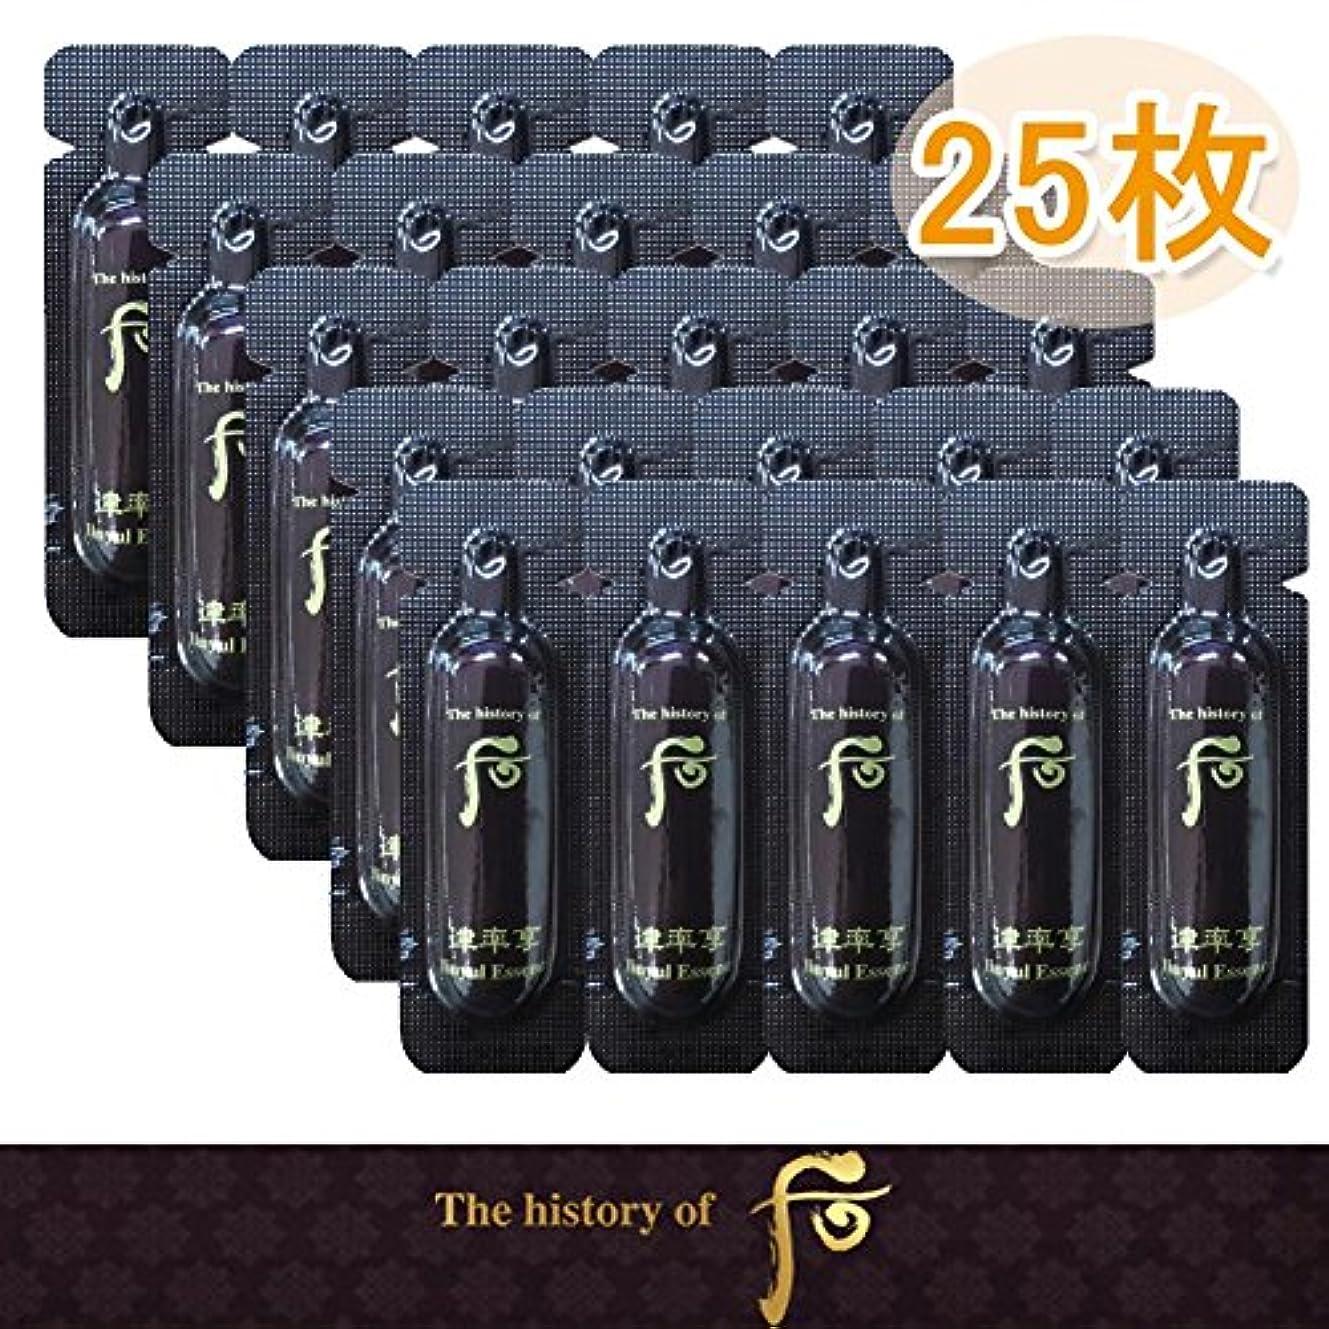 自動的に符号冊子【韓国コスメ オフィThe history of 后 [ドフー]Whoo Jinyul Essence ジンユルエッセンス サンプル 1ml x25枚 25ml+ Sample Gift [海外直送品]